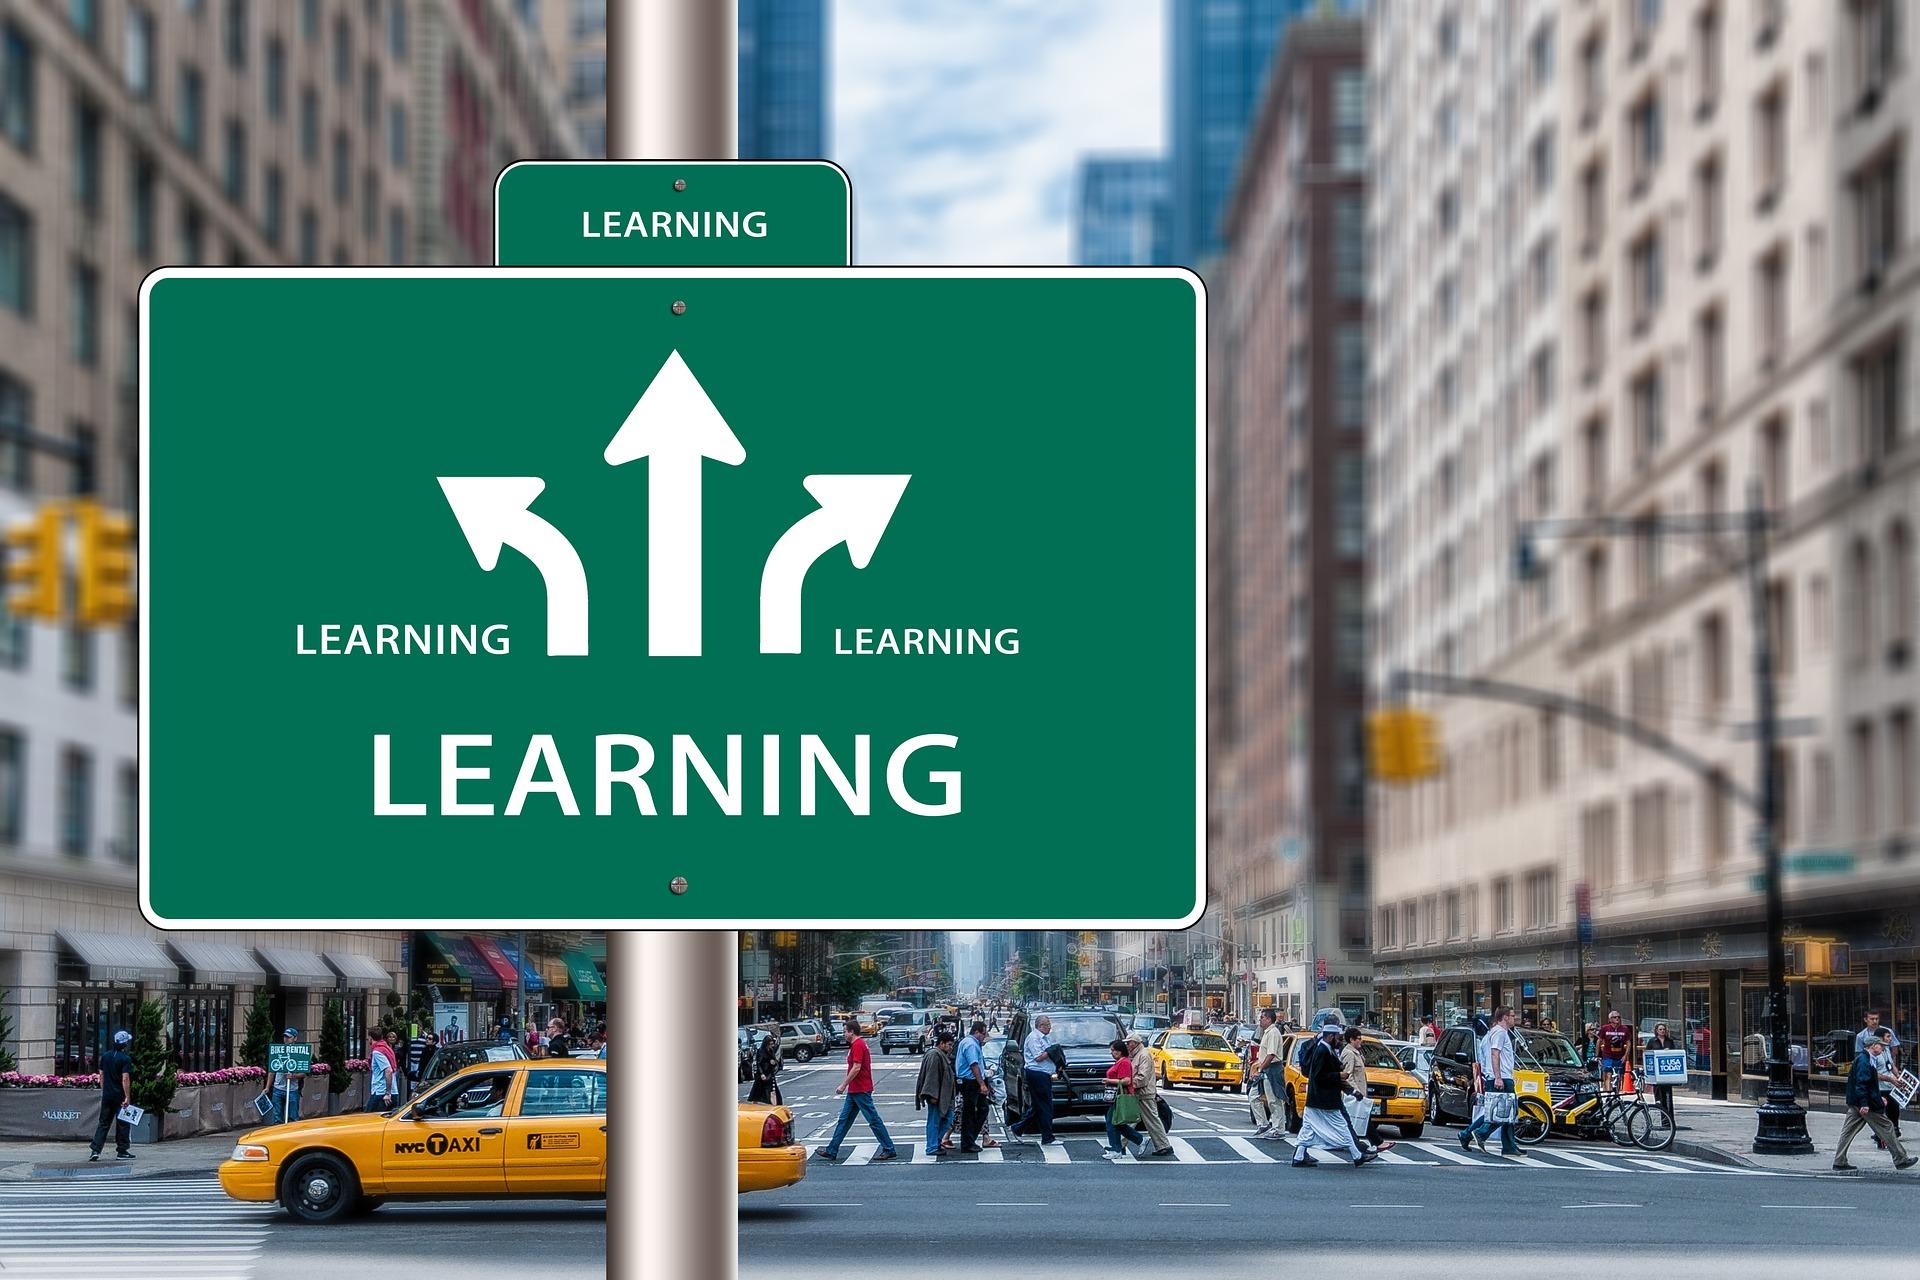 Άμεση ανάγκη για αναβάθμιση της τουριστικής εκπαίδευσης, που θα καλύπτει τις ανάγκες της νέας εποχής